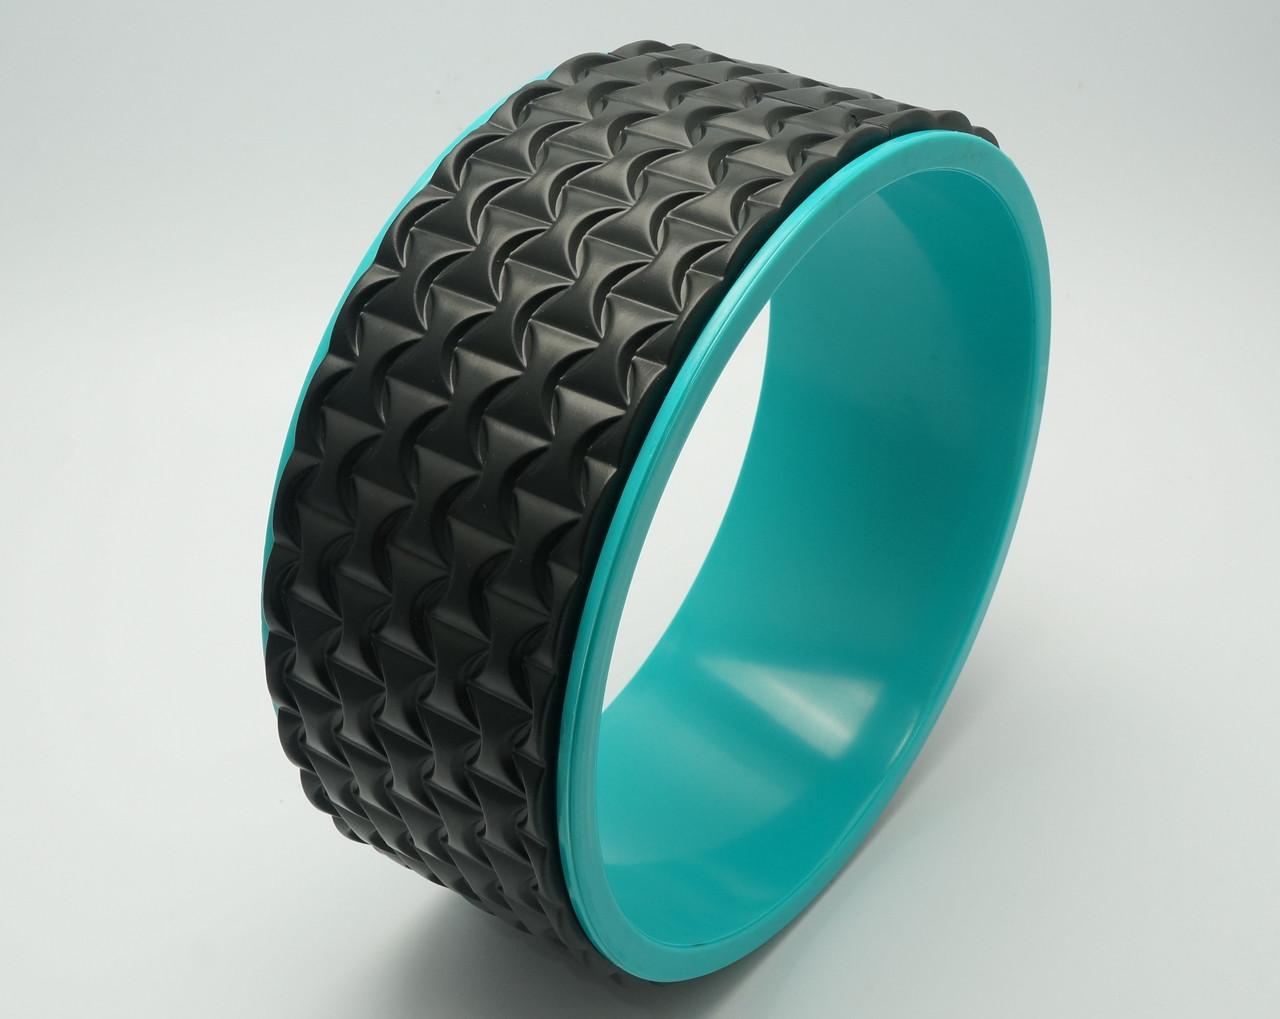 Колесо для йоги. Yoga Wheel, 33×13 см (Черное)